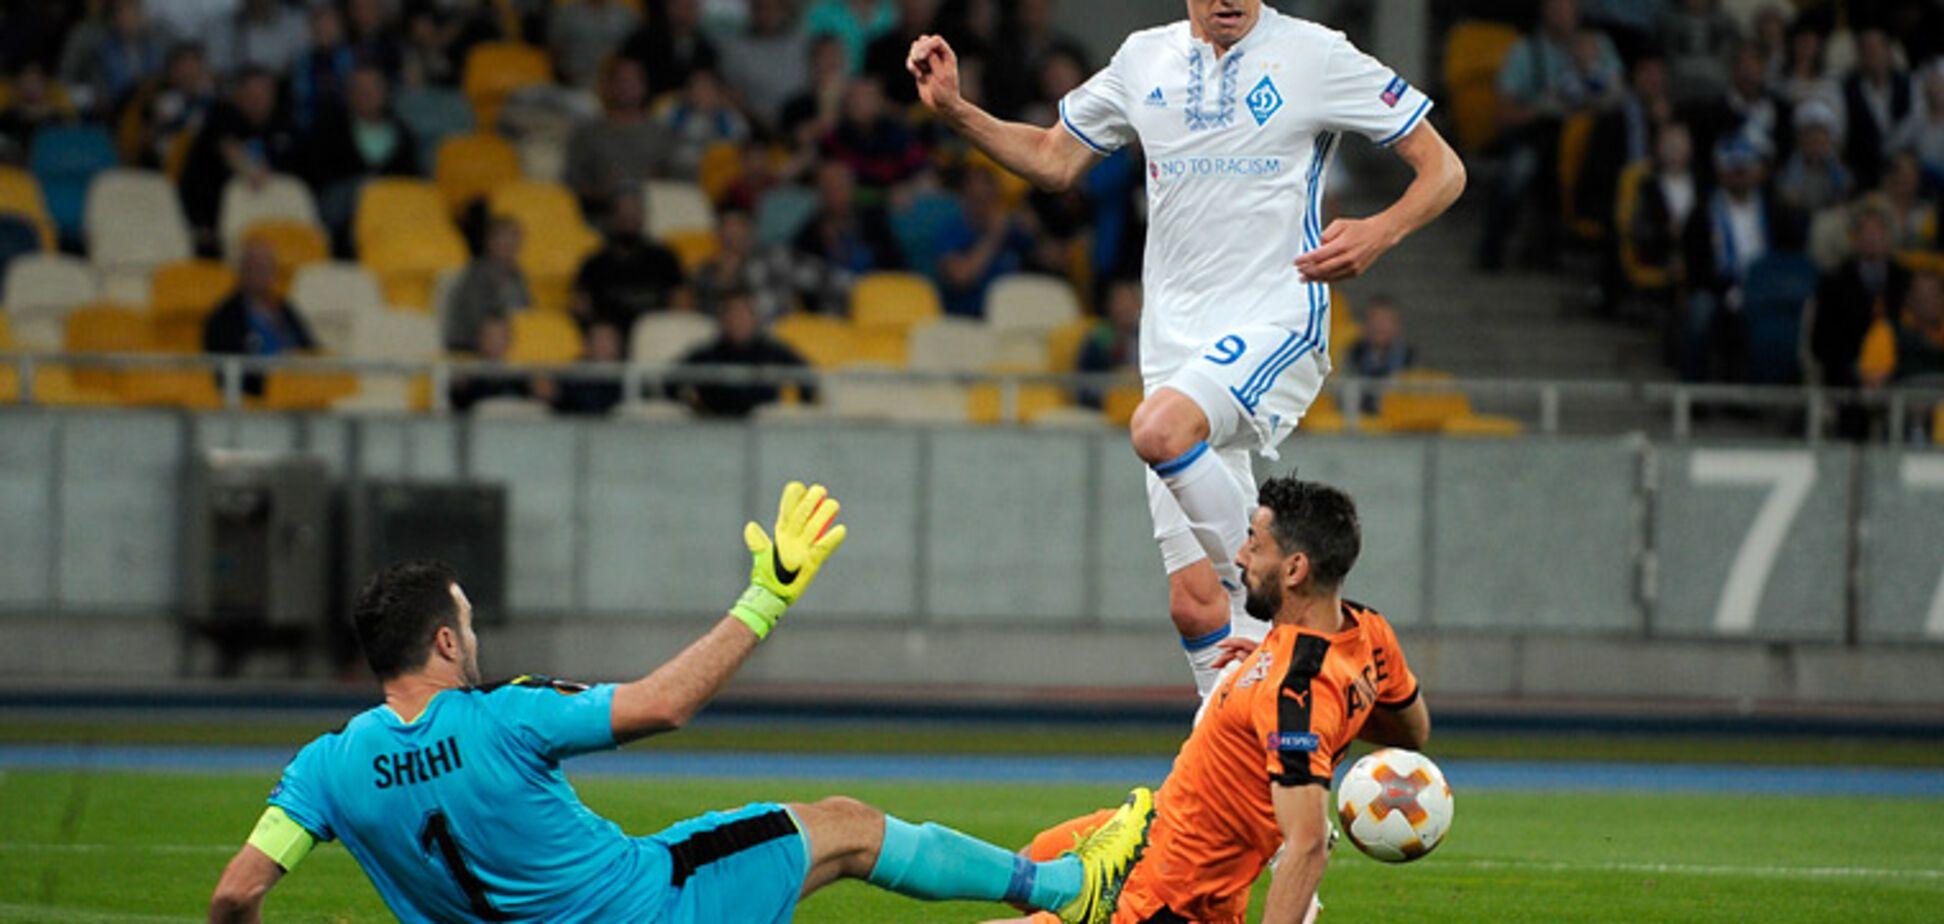 Скендербеу – Динамо: что происходит перед матчем Лиги Европы